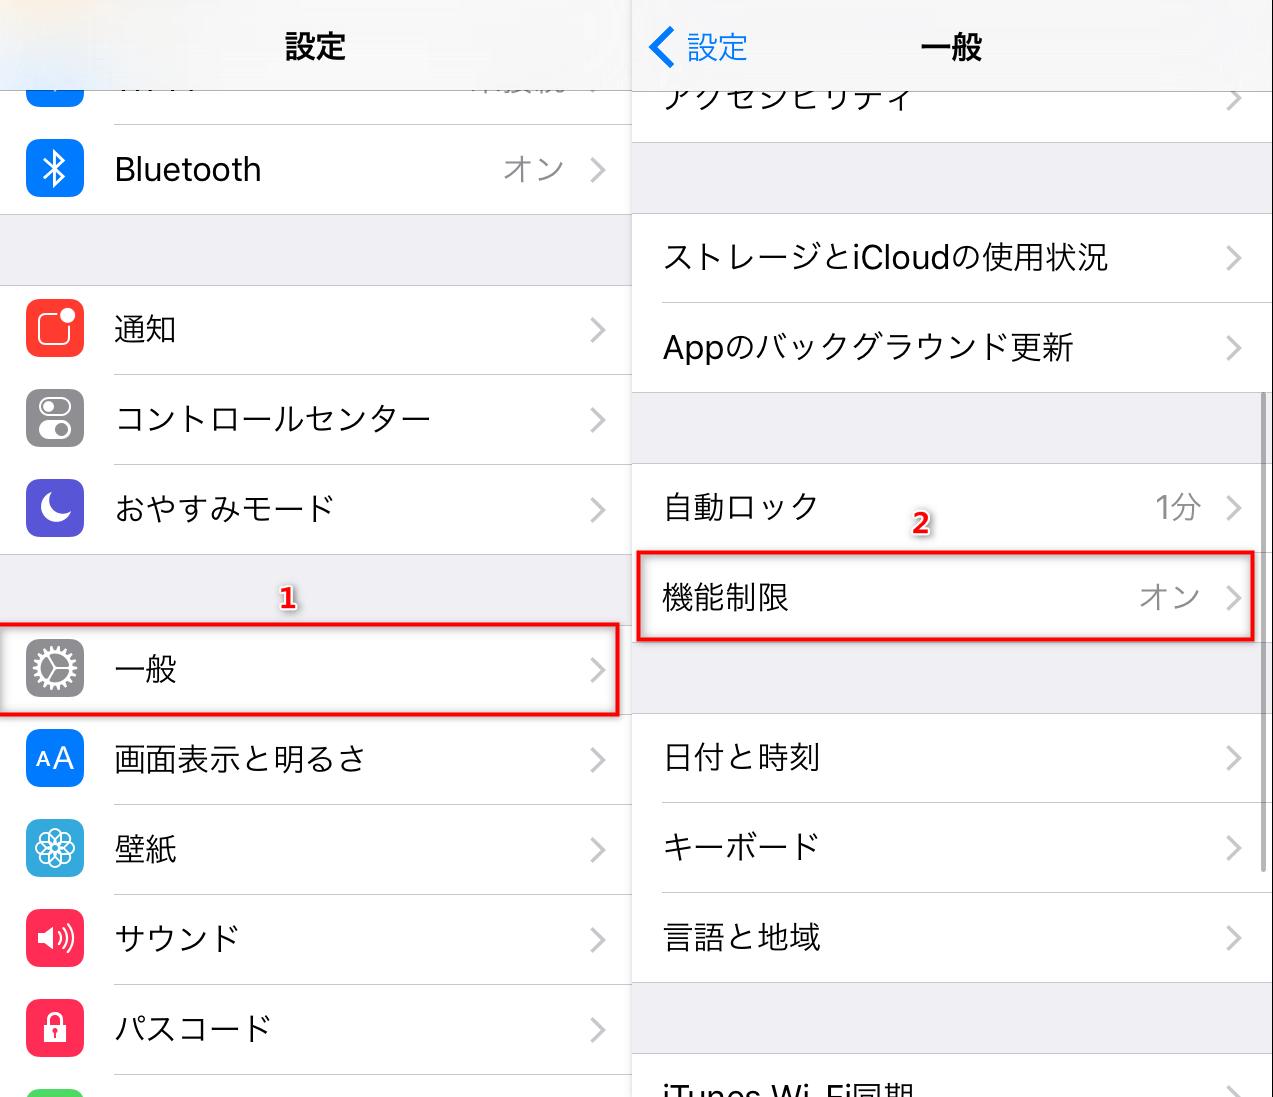 できない パス 変更 タイム スクリーン コード